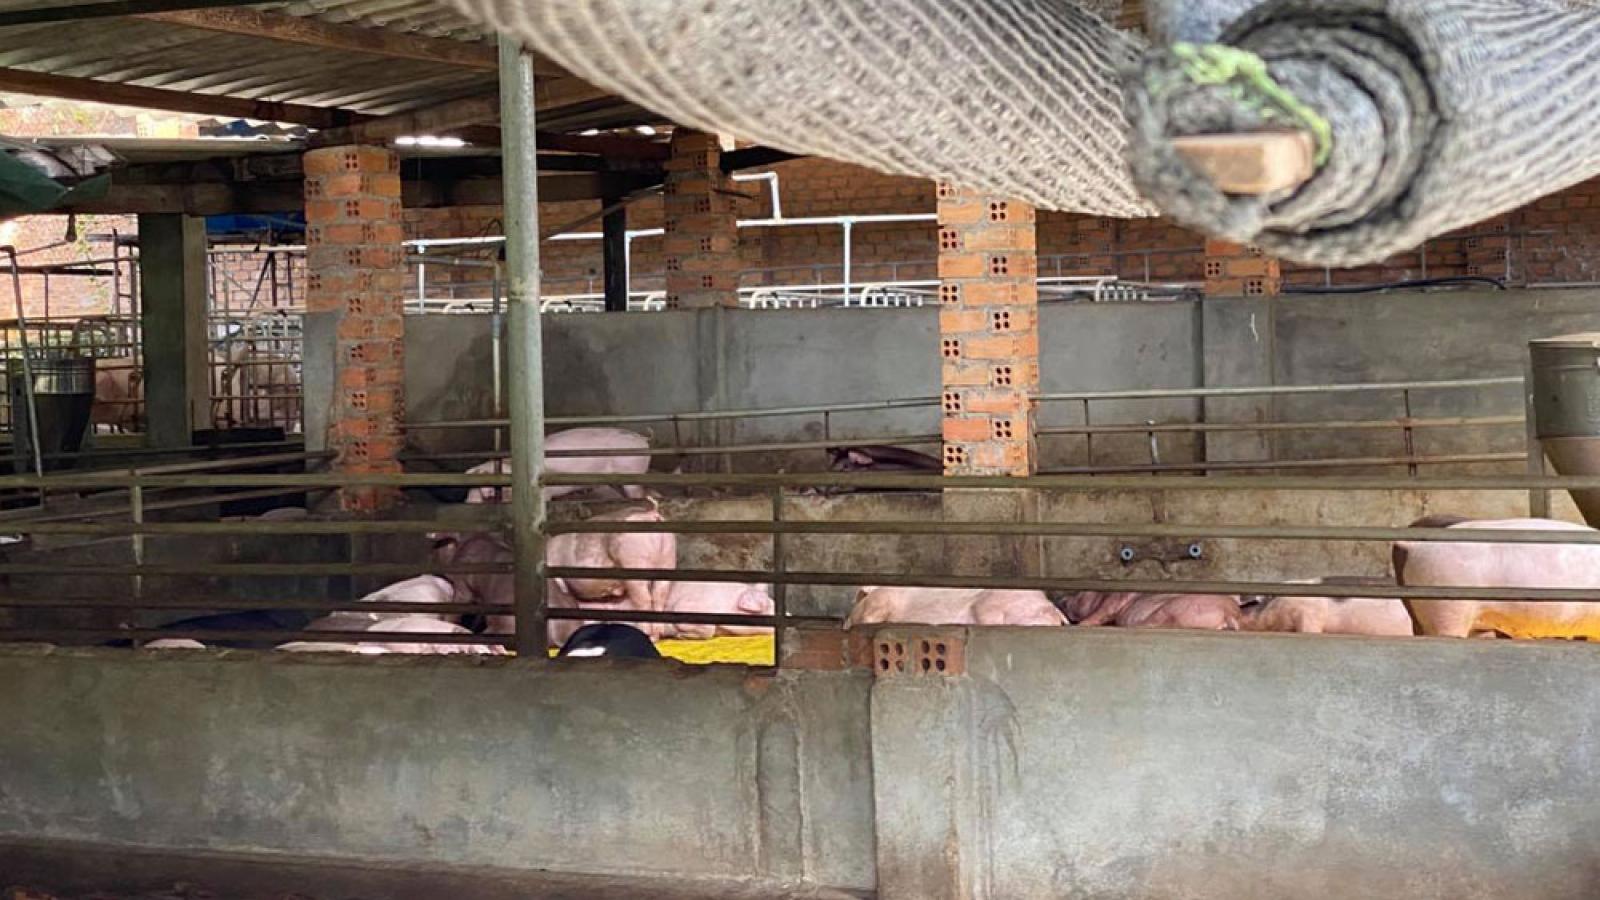 Trang trại nuôi lợn gây ô nhiễm giữa thành phố Buôn Ma Thuột